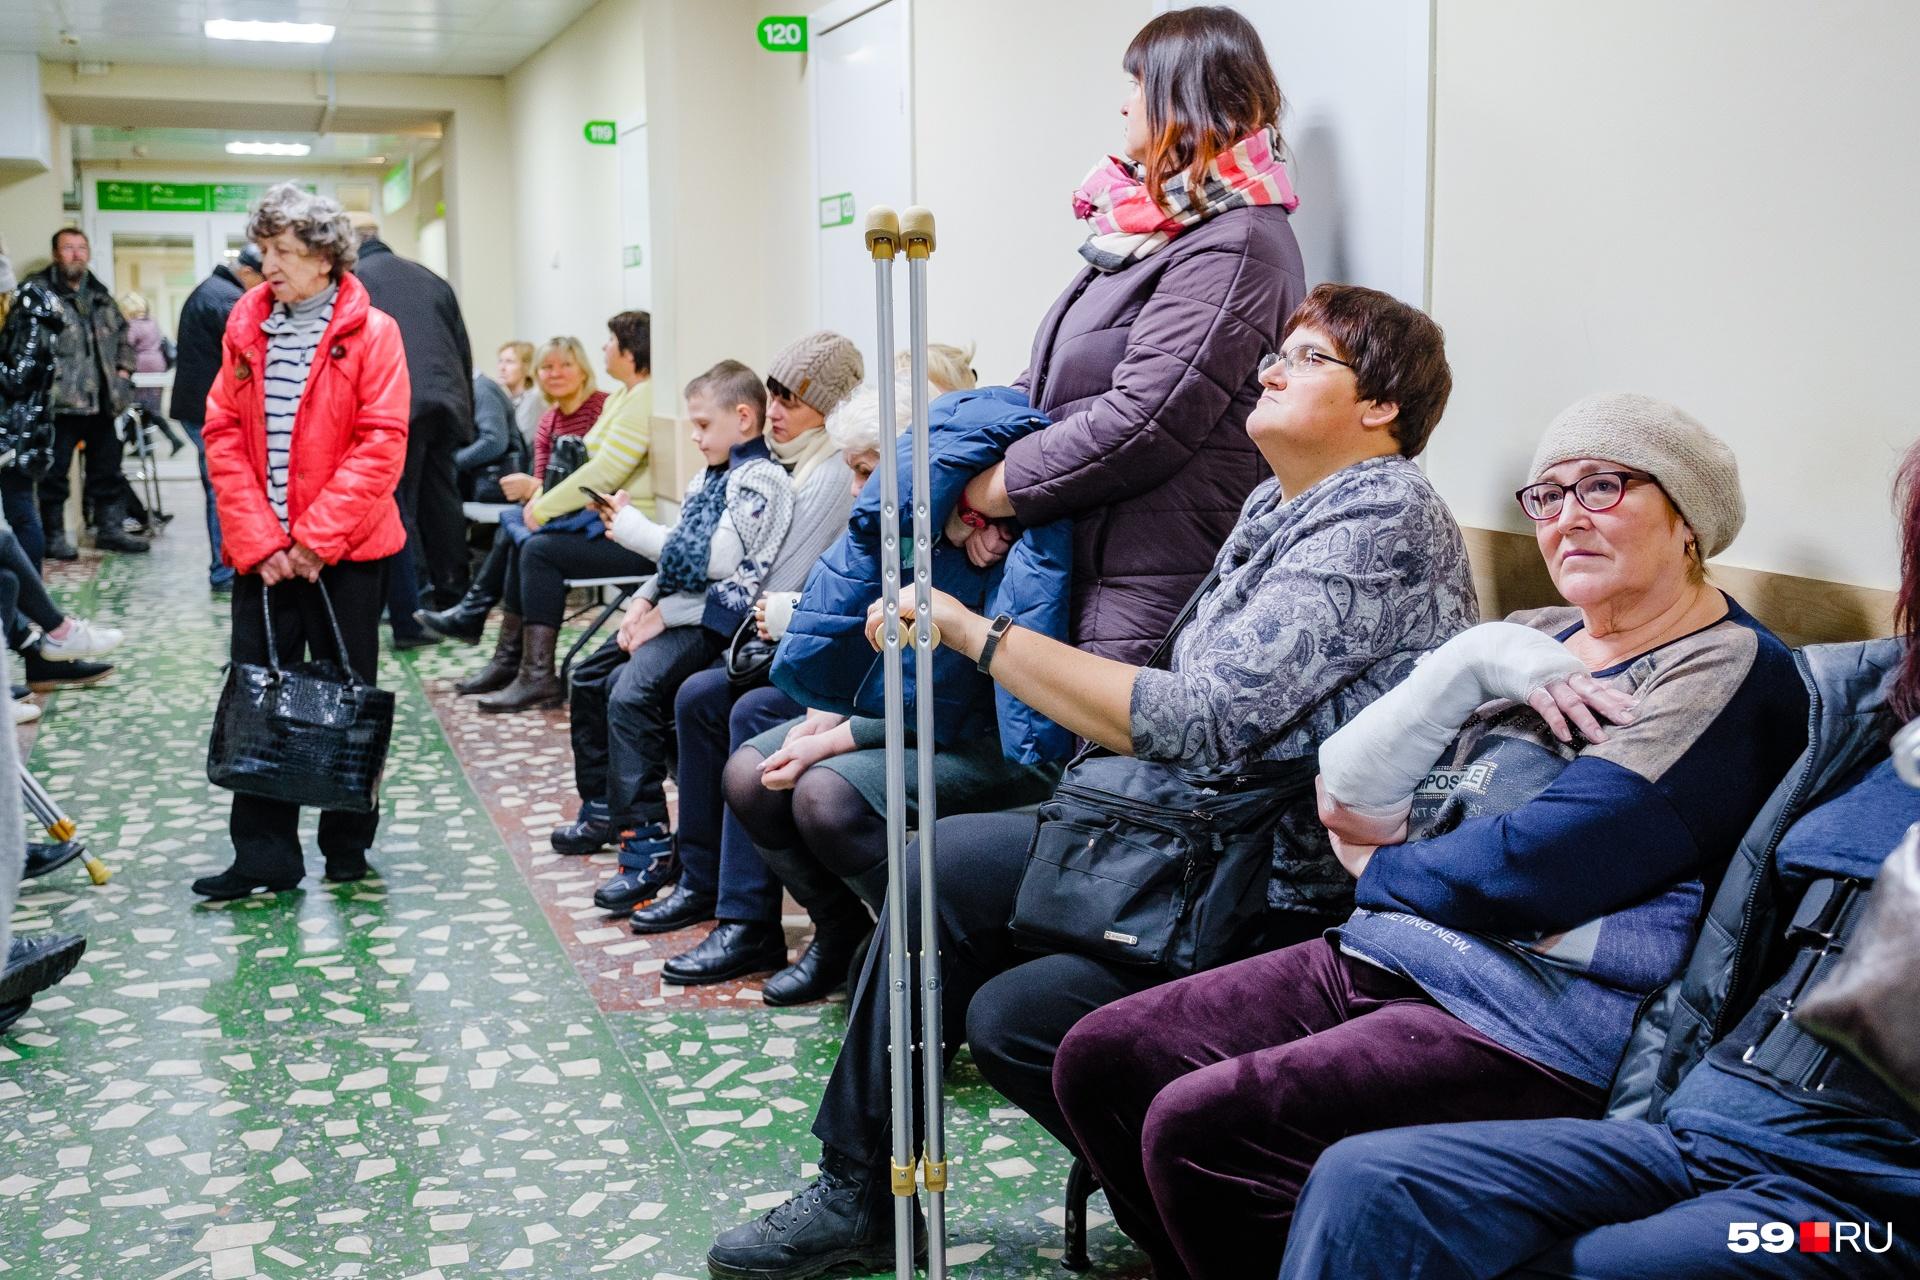 Эти люди уже несколько часов ждут своей очереди и бегают по кабинетам